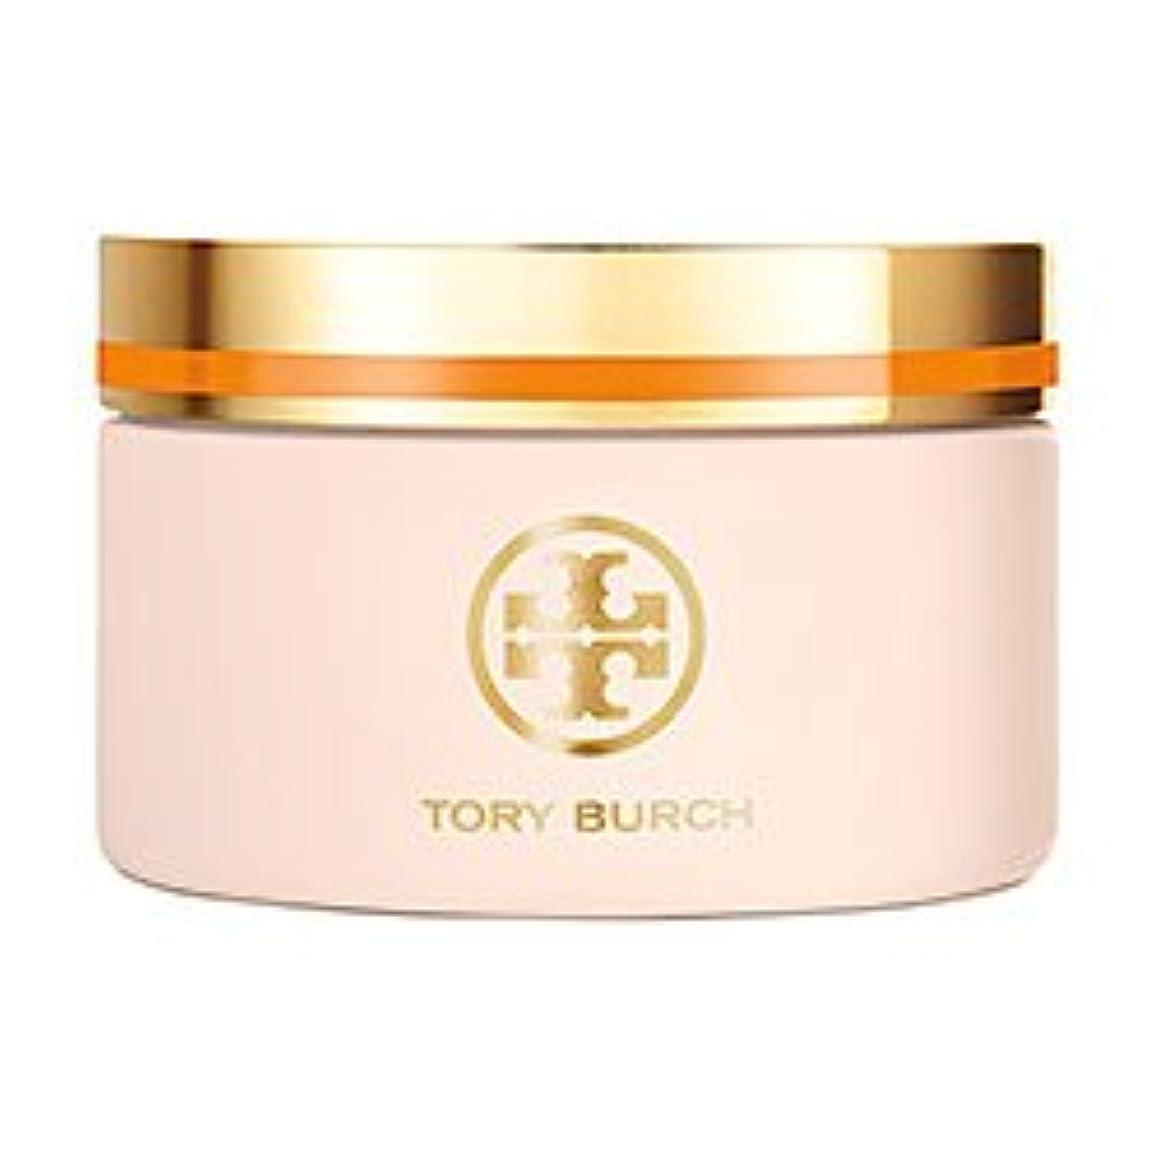 自伝ポーチ受け継ぐTory Burch (トリー バーチ) 6.5 oz (195ml) Body Cream (ボディークリーム) for Women